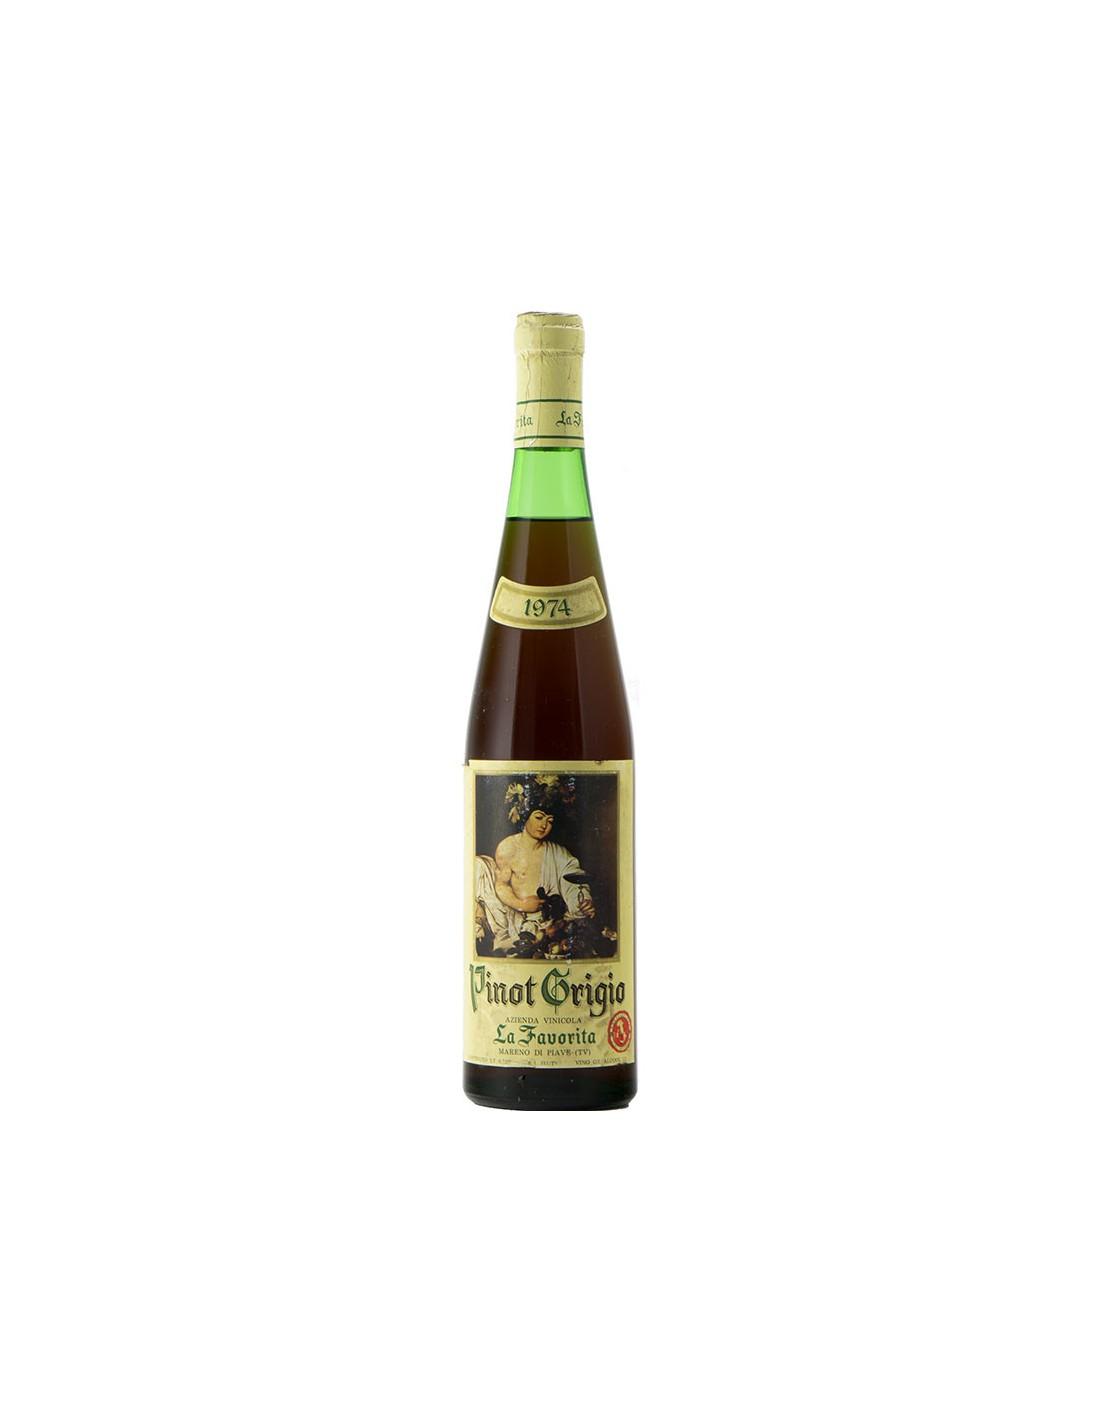 PINOT GRIGIO 1974 LA FAVORITA Grandi Bottiglie